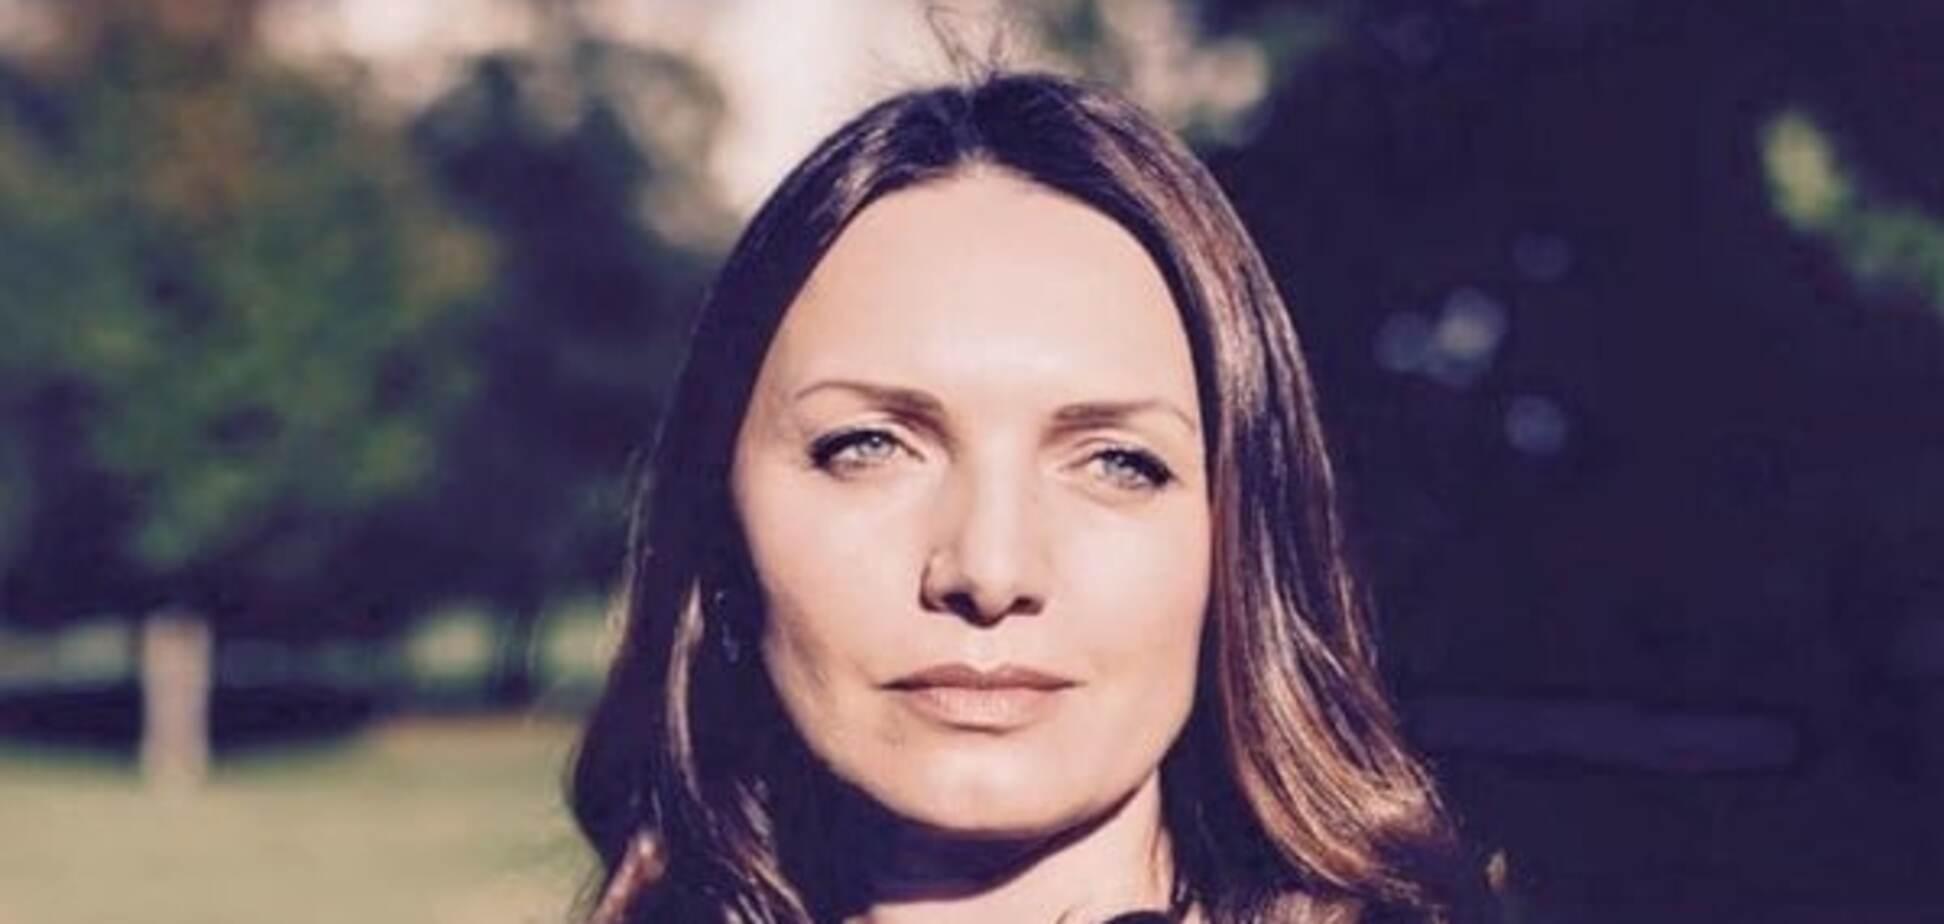 'Українська прозорість': вдова Гонгадзе прокоментувала скандал із квартирою Лещенка